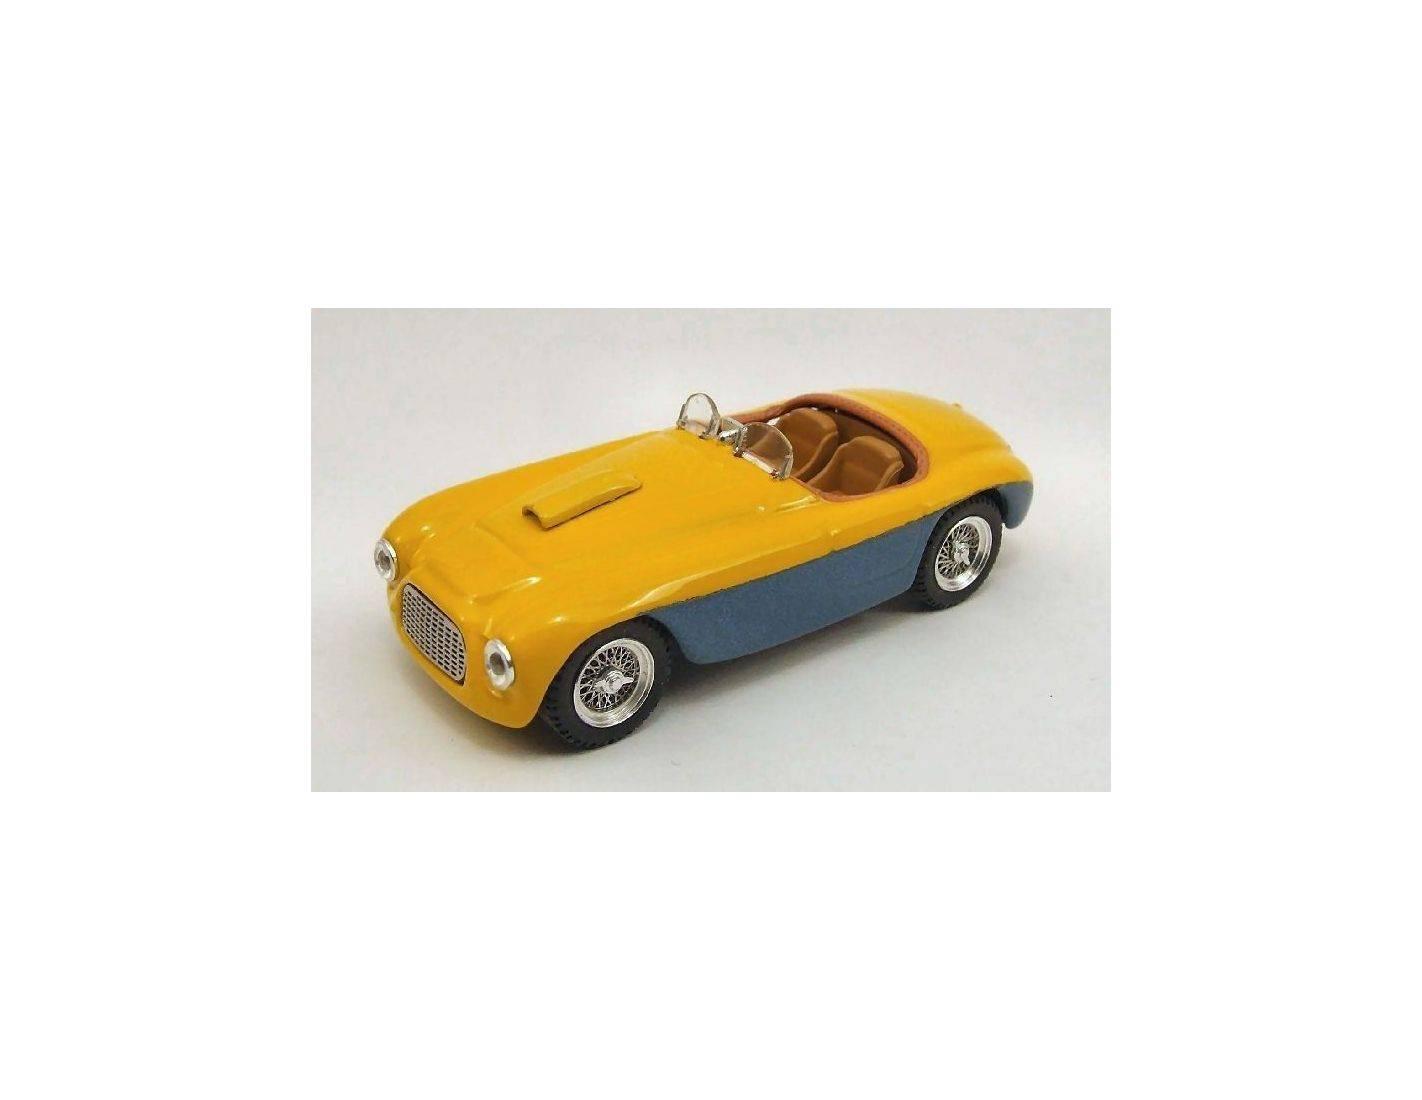 Art Model AM0224 FERRARI 166 SPIDER EVITA PERON 1949 PERSONAL CAR 1:43 Modellino